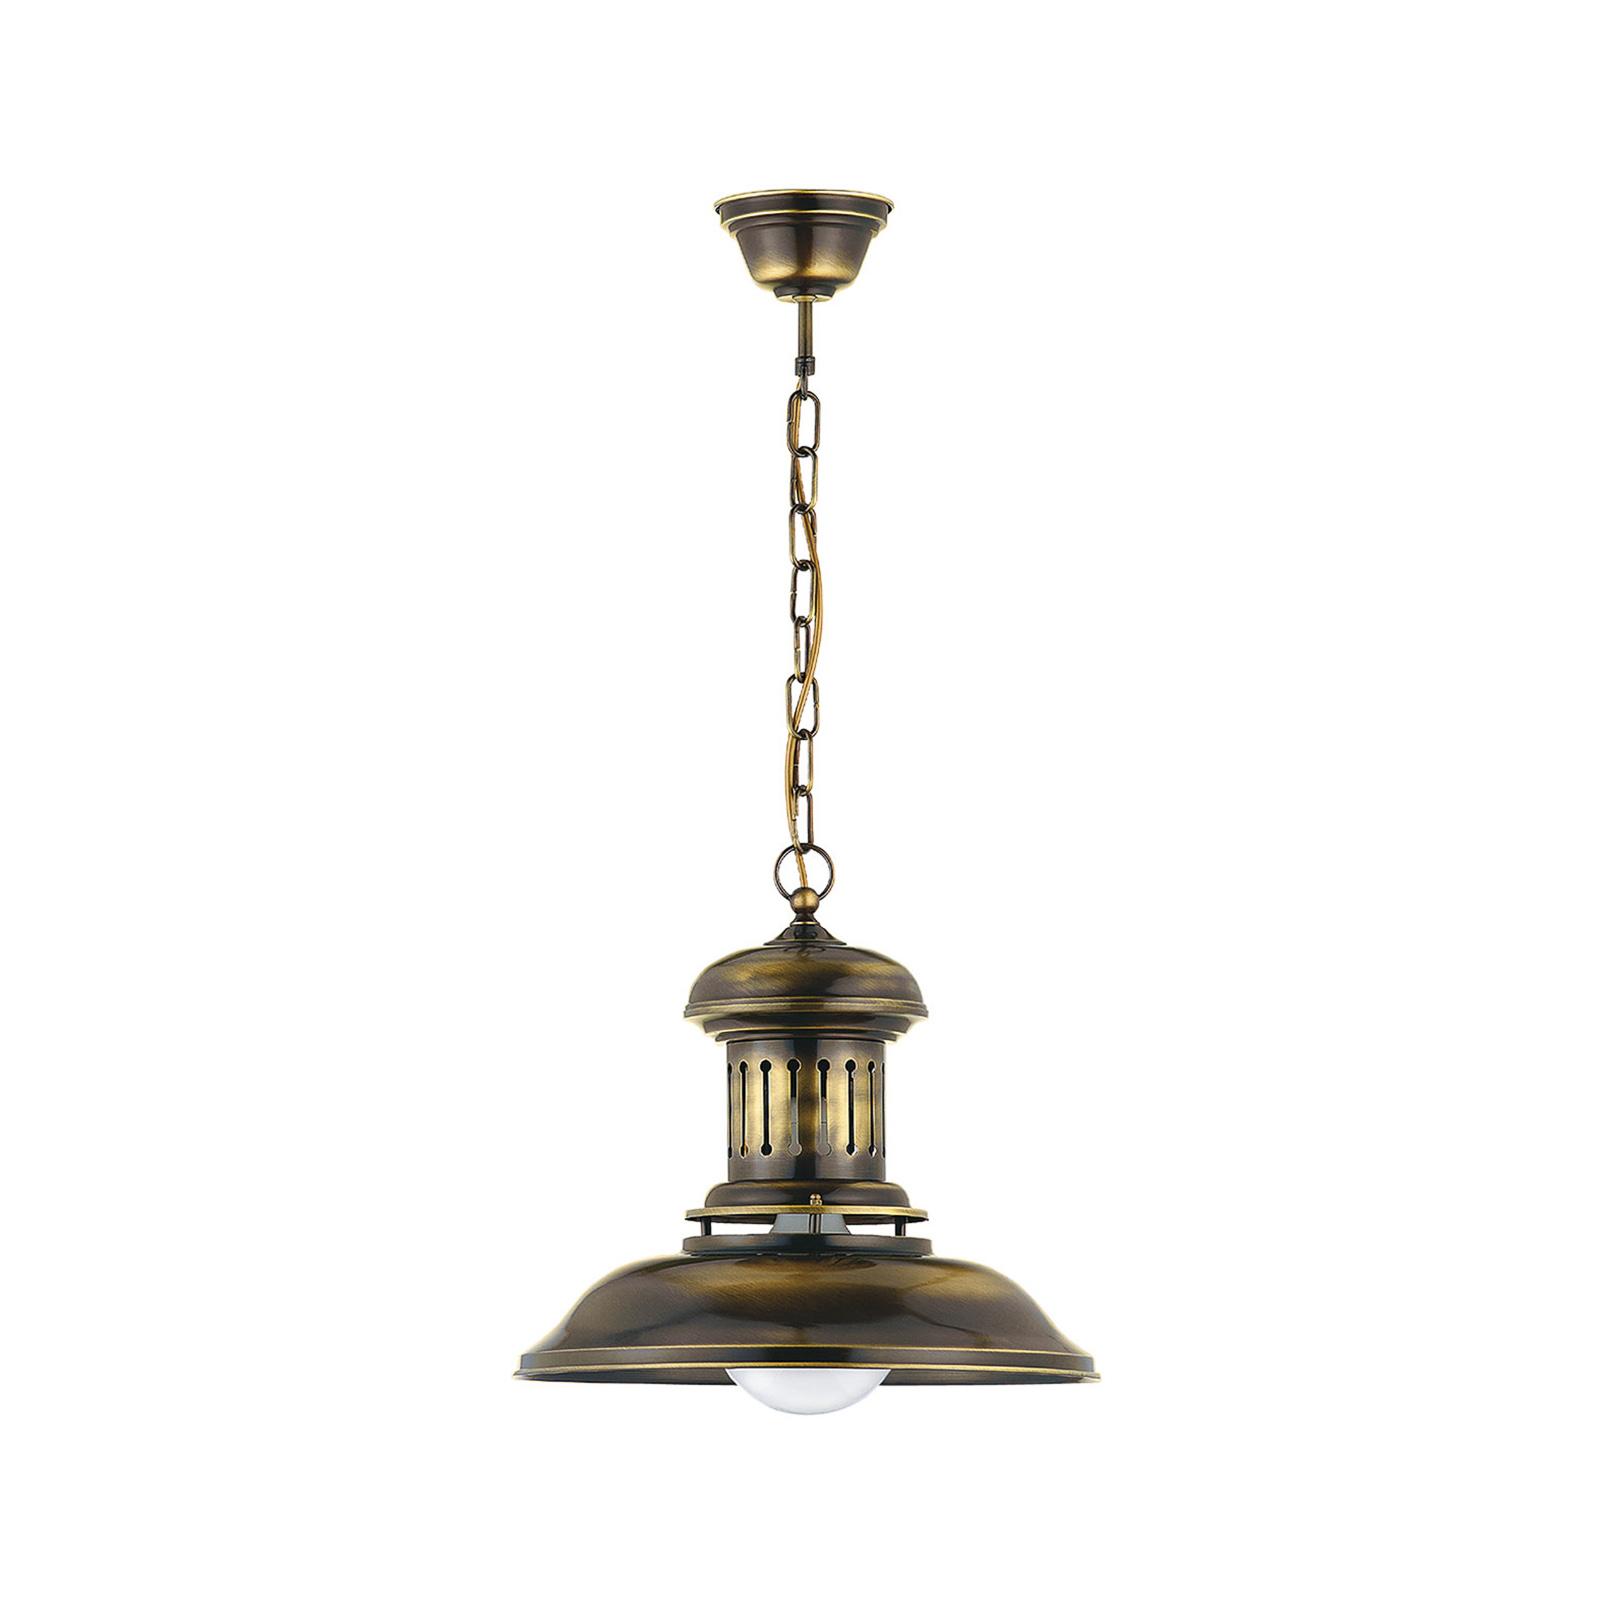 Lampa wisząca Bell, 1-punktowa, mosiądz antyczny